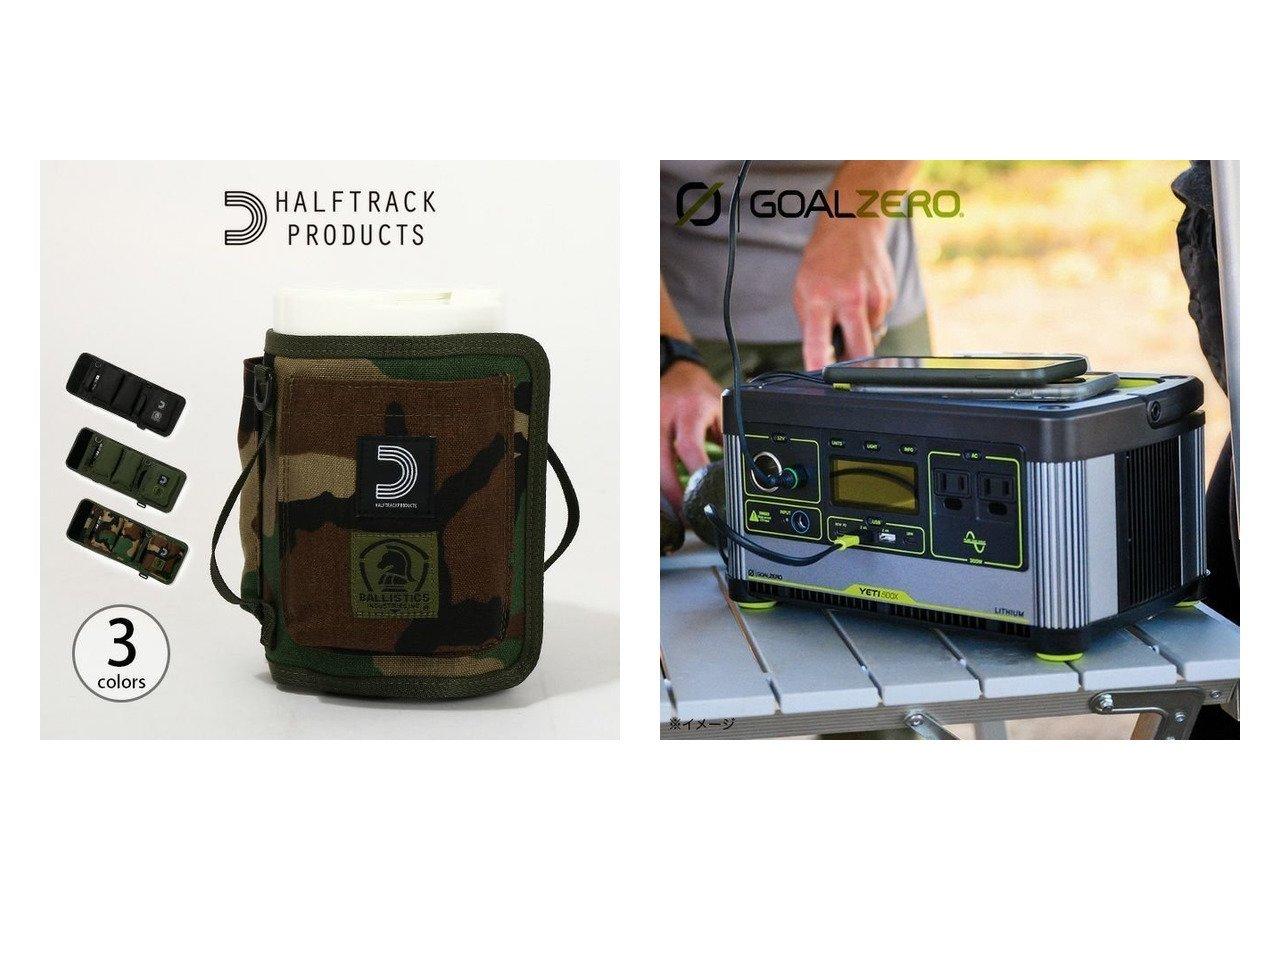 【HALF TRACK PRODUCTS/ハーフトラック プロダクツ】のウェットカバーポケット&【Goal Zero/ゴールゼロ】のイエティ500X120Vパワーステーション(BT219) おすすめ!人気キャンプ・アウトドア用品の通販 おすすめで人気の流行・トレンド、ファッションの通販商品 インテリア・家具・メンズファッション・キッズファッション・レディースファッション・服の通販 founy(ファニー) https://founy.com/ テーブル ポケット アウトドア スマート ホーム・キャンプ・アウトドア Home,Garden,Outdoor,Camping Gear キャンプ用品・アウトドア  Camping Gear & Outdoor Supplies その他 雑貨 小物 Camping Tools  ID:crp329100000062772